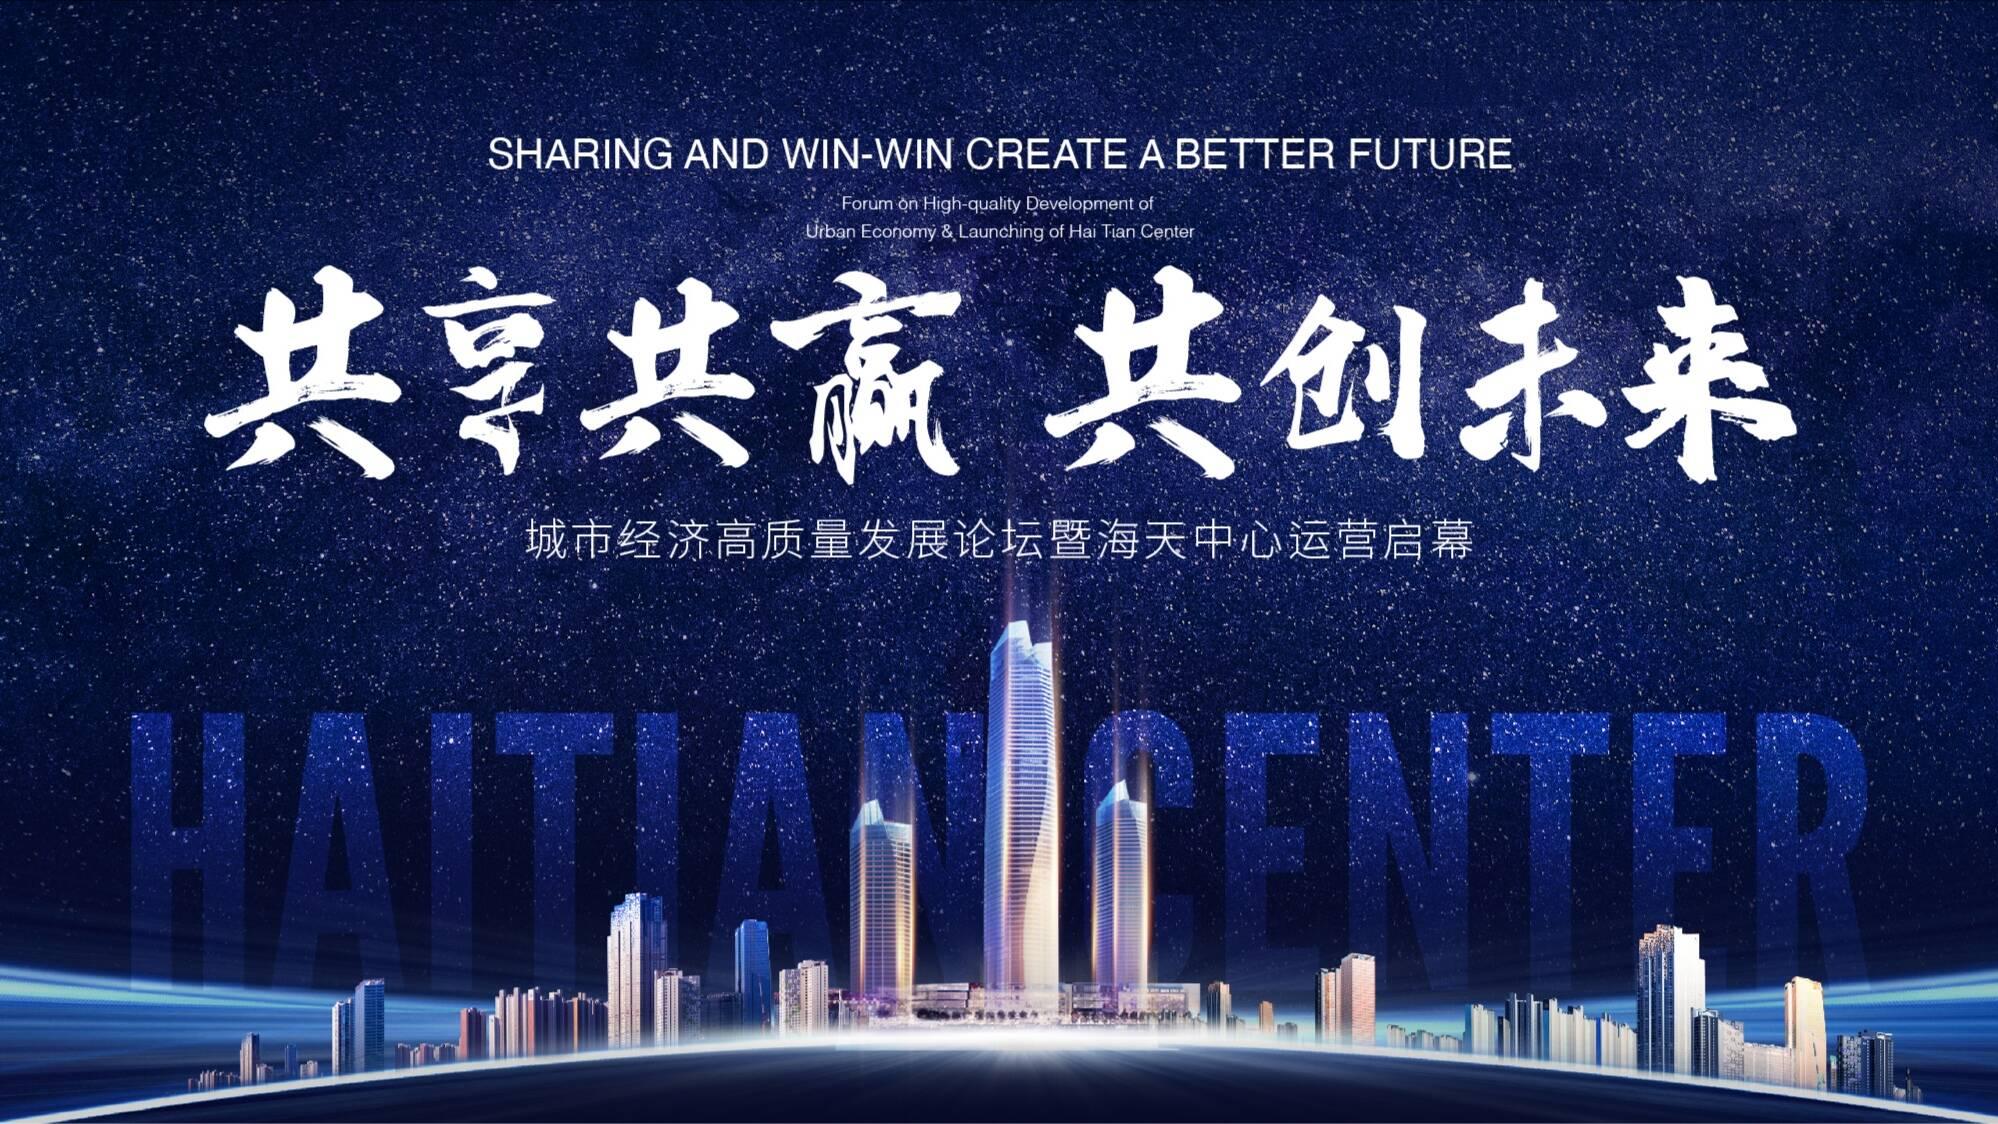 共享共赢,共创未来!城市经济高质量发展论坛在青岛成功举办